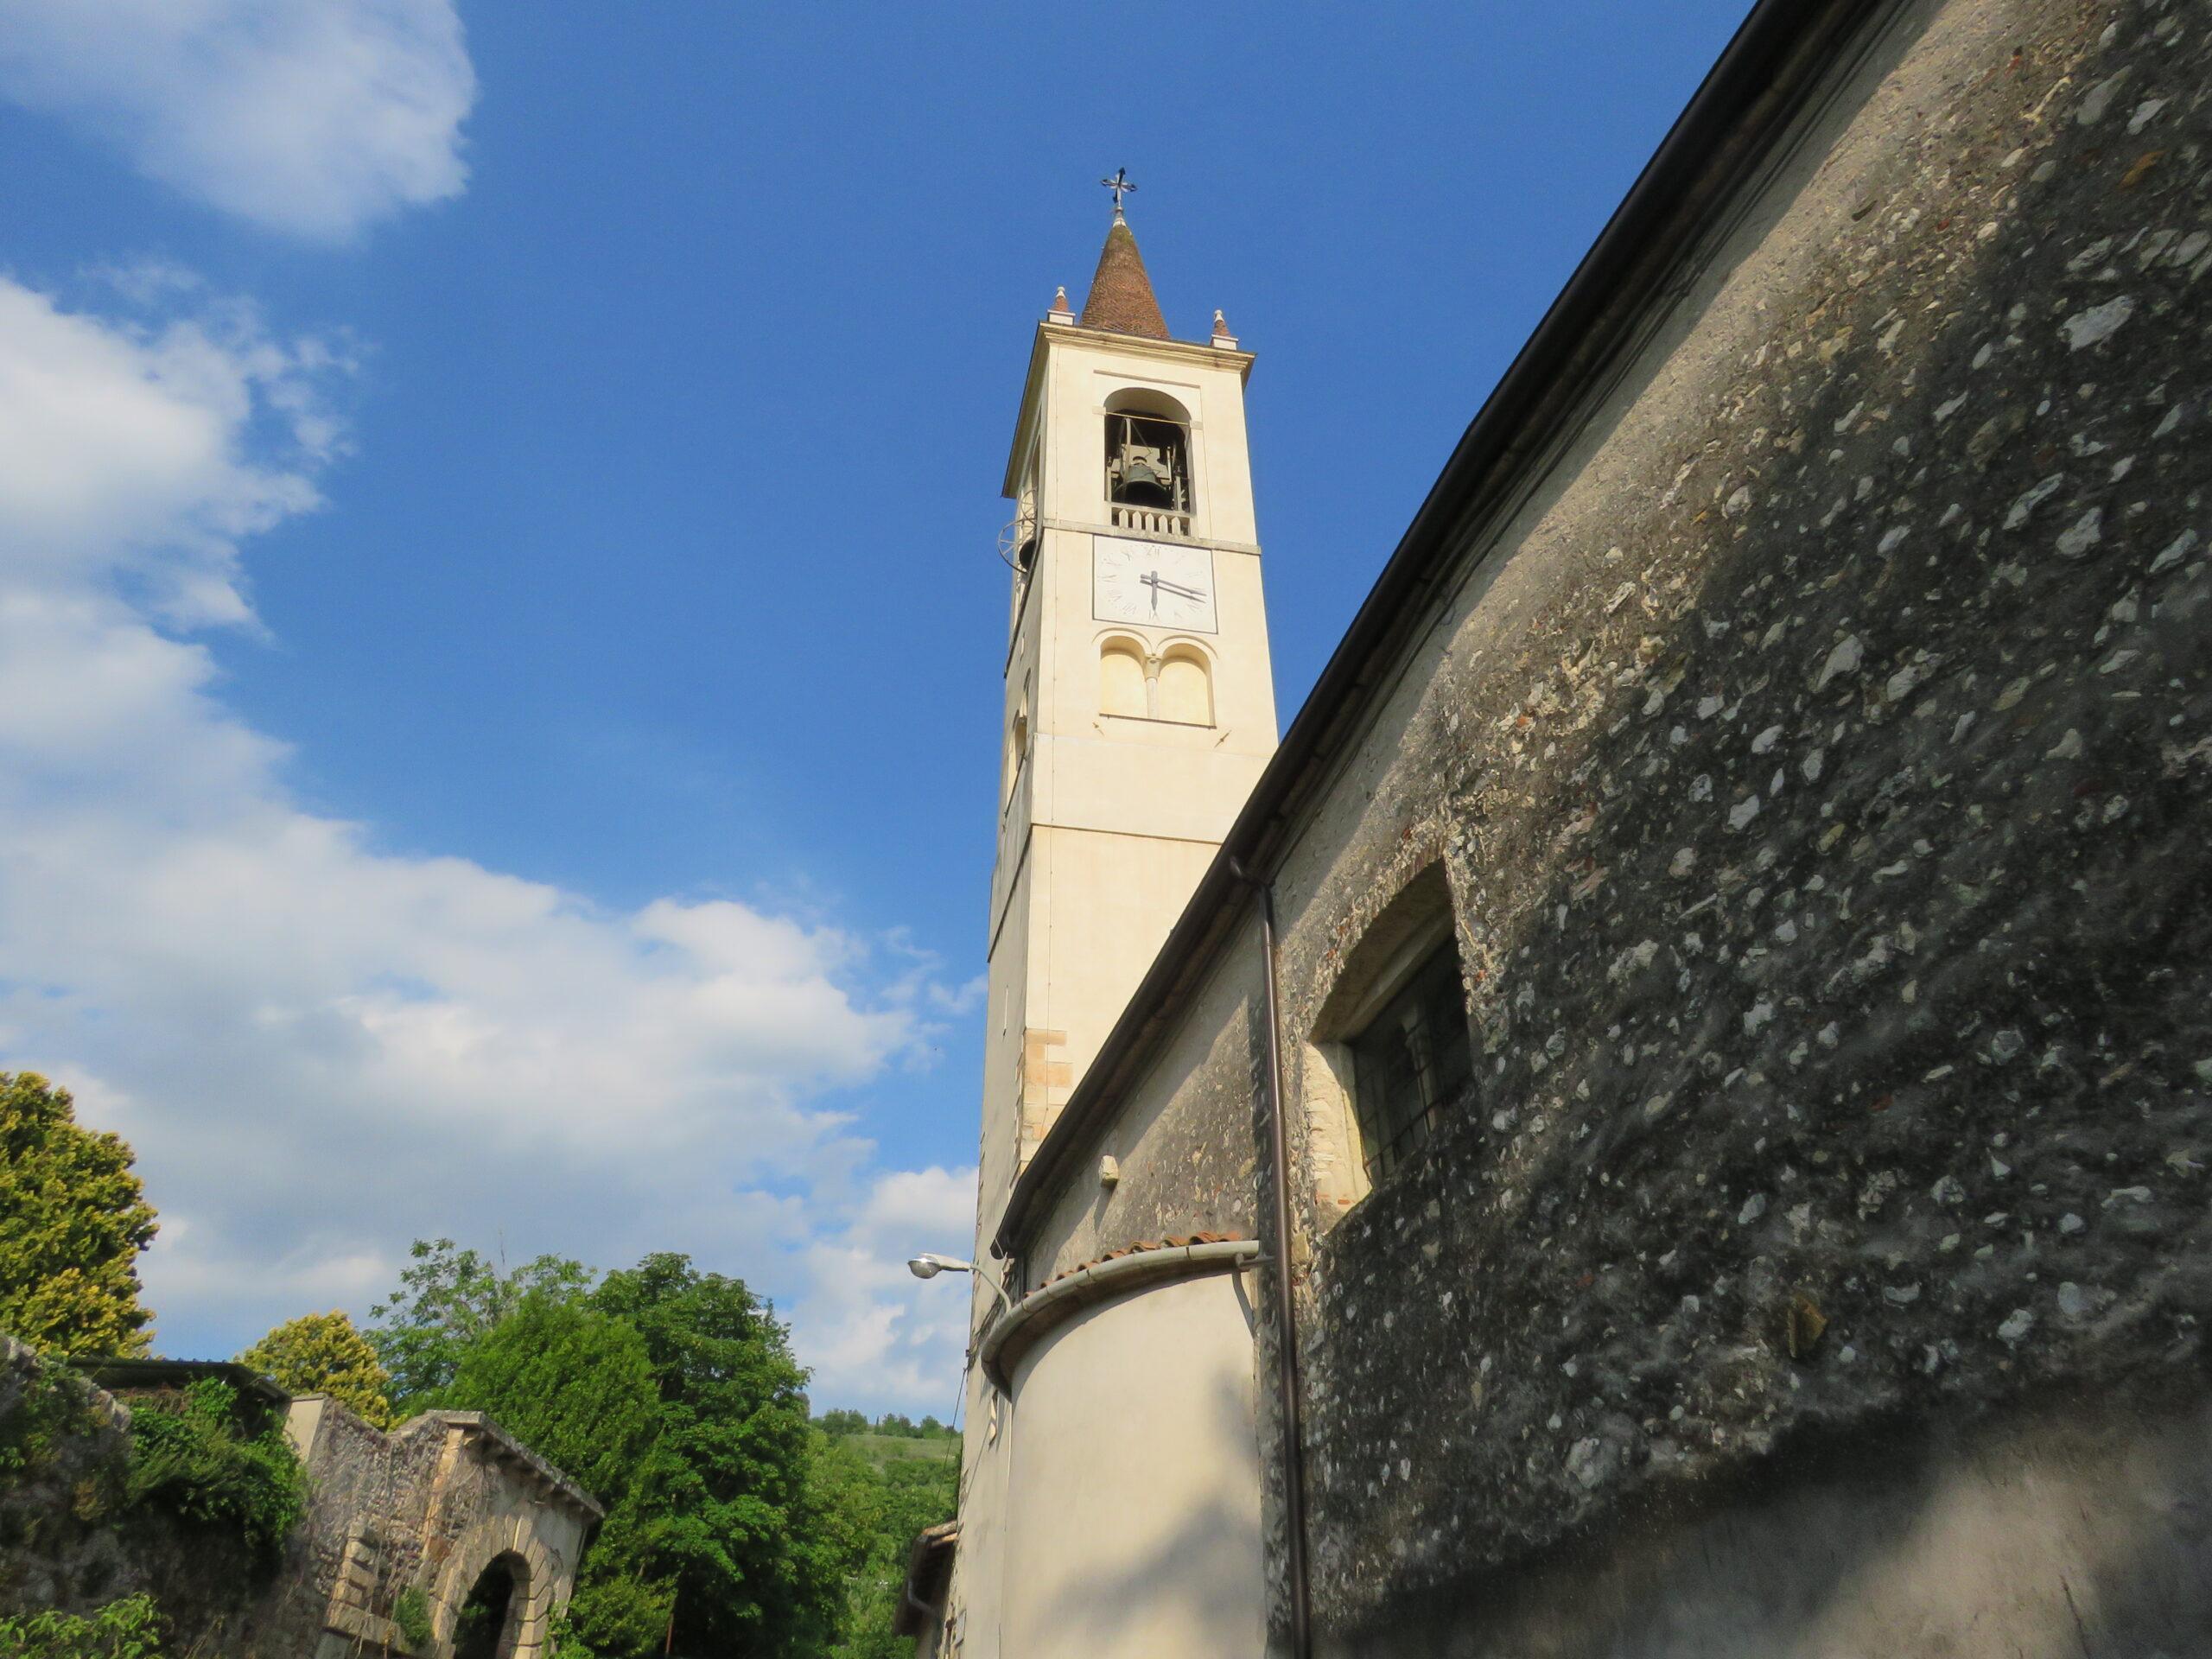 campanile di Santa Maria in Stelle